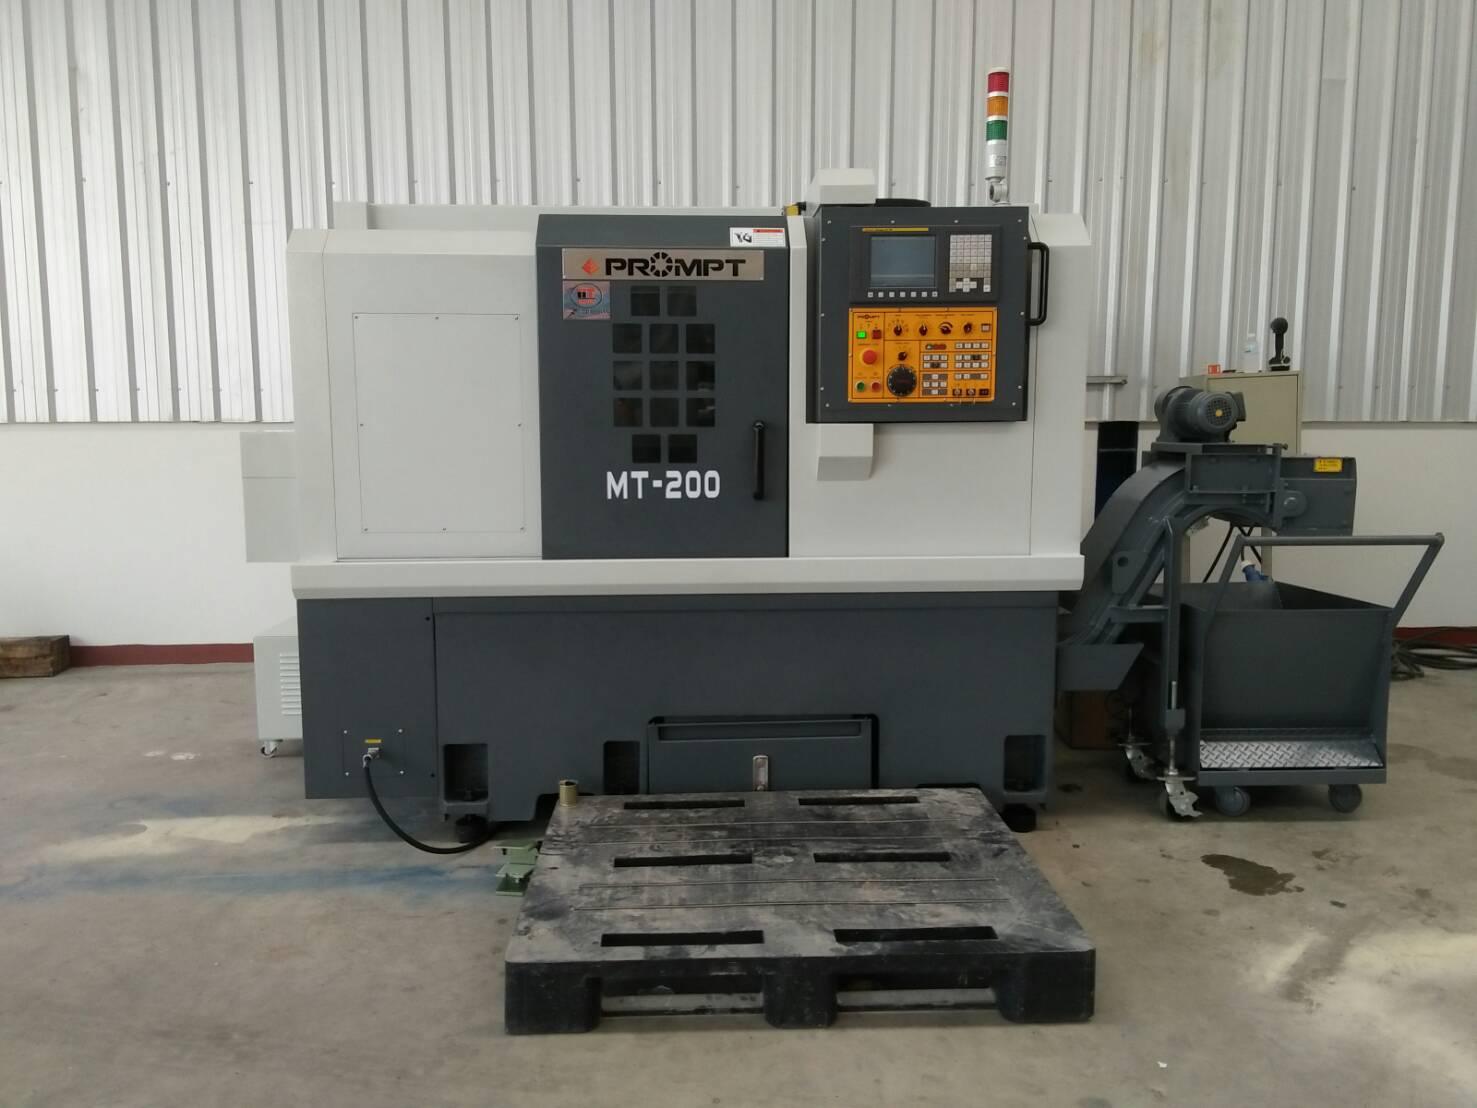 งานติดตั้ง Prompt CNC Lathe MT-200 @ ลำพูน พาร์ท 22-5-60